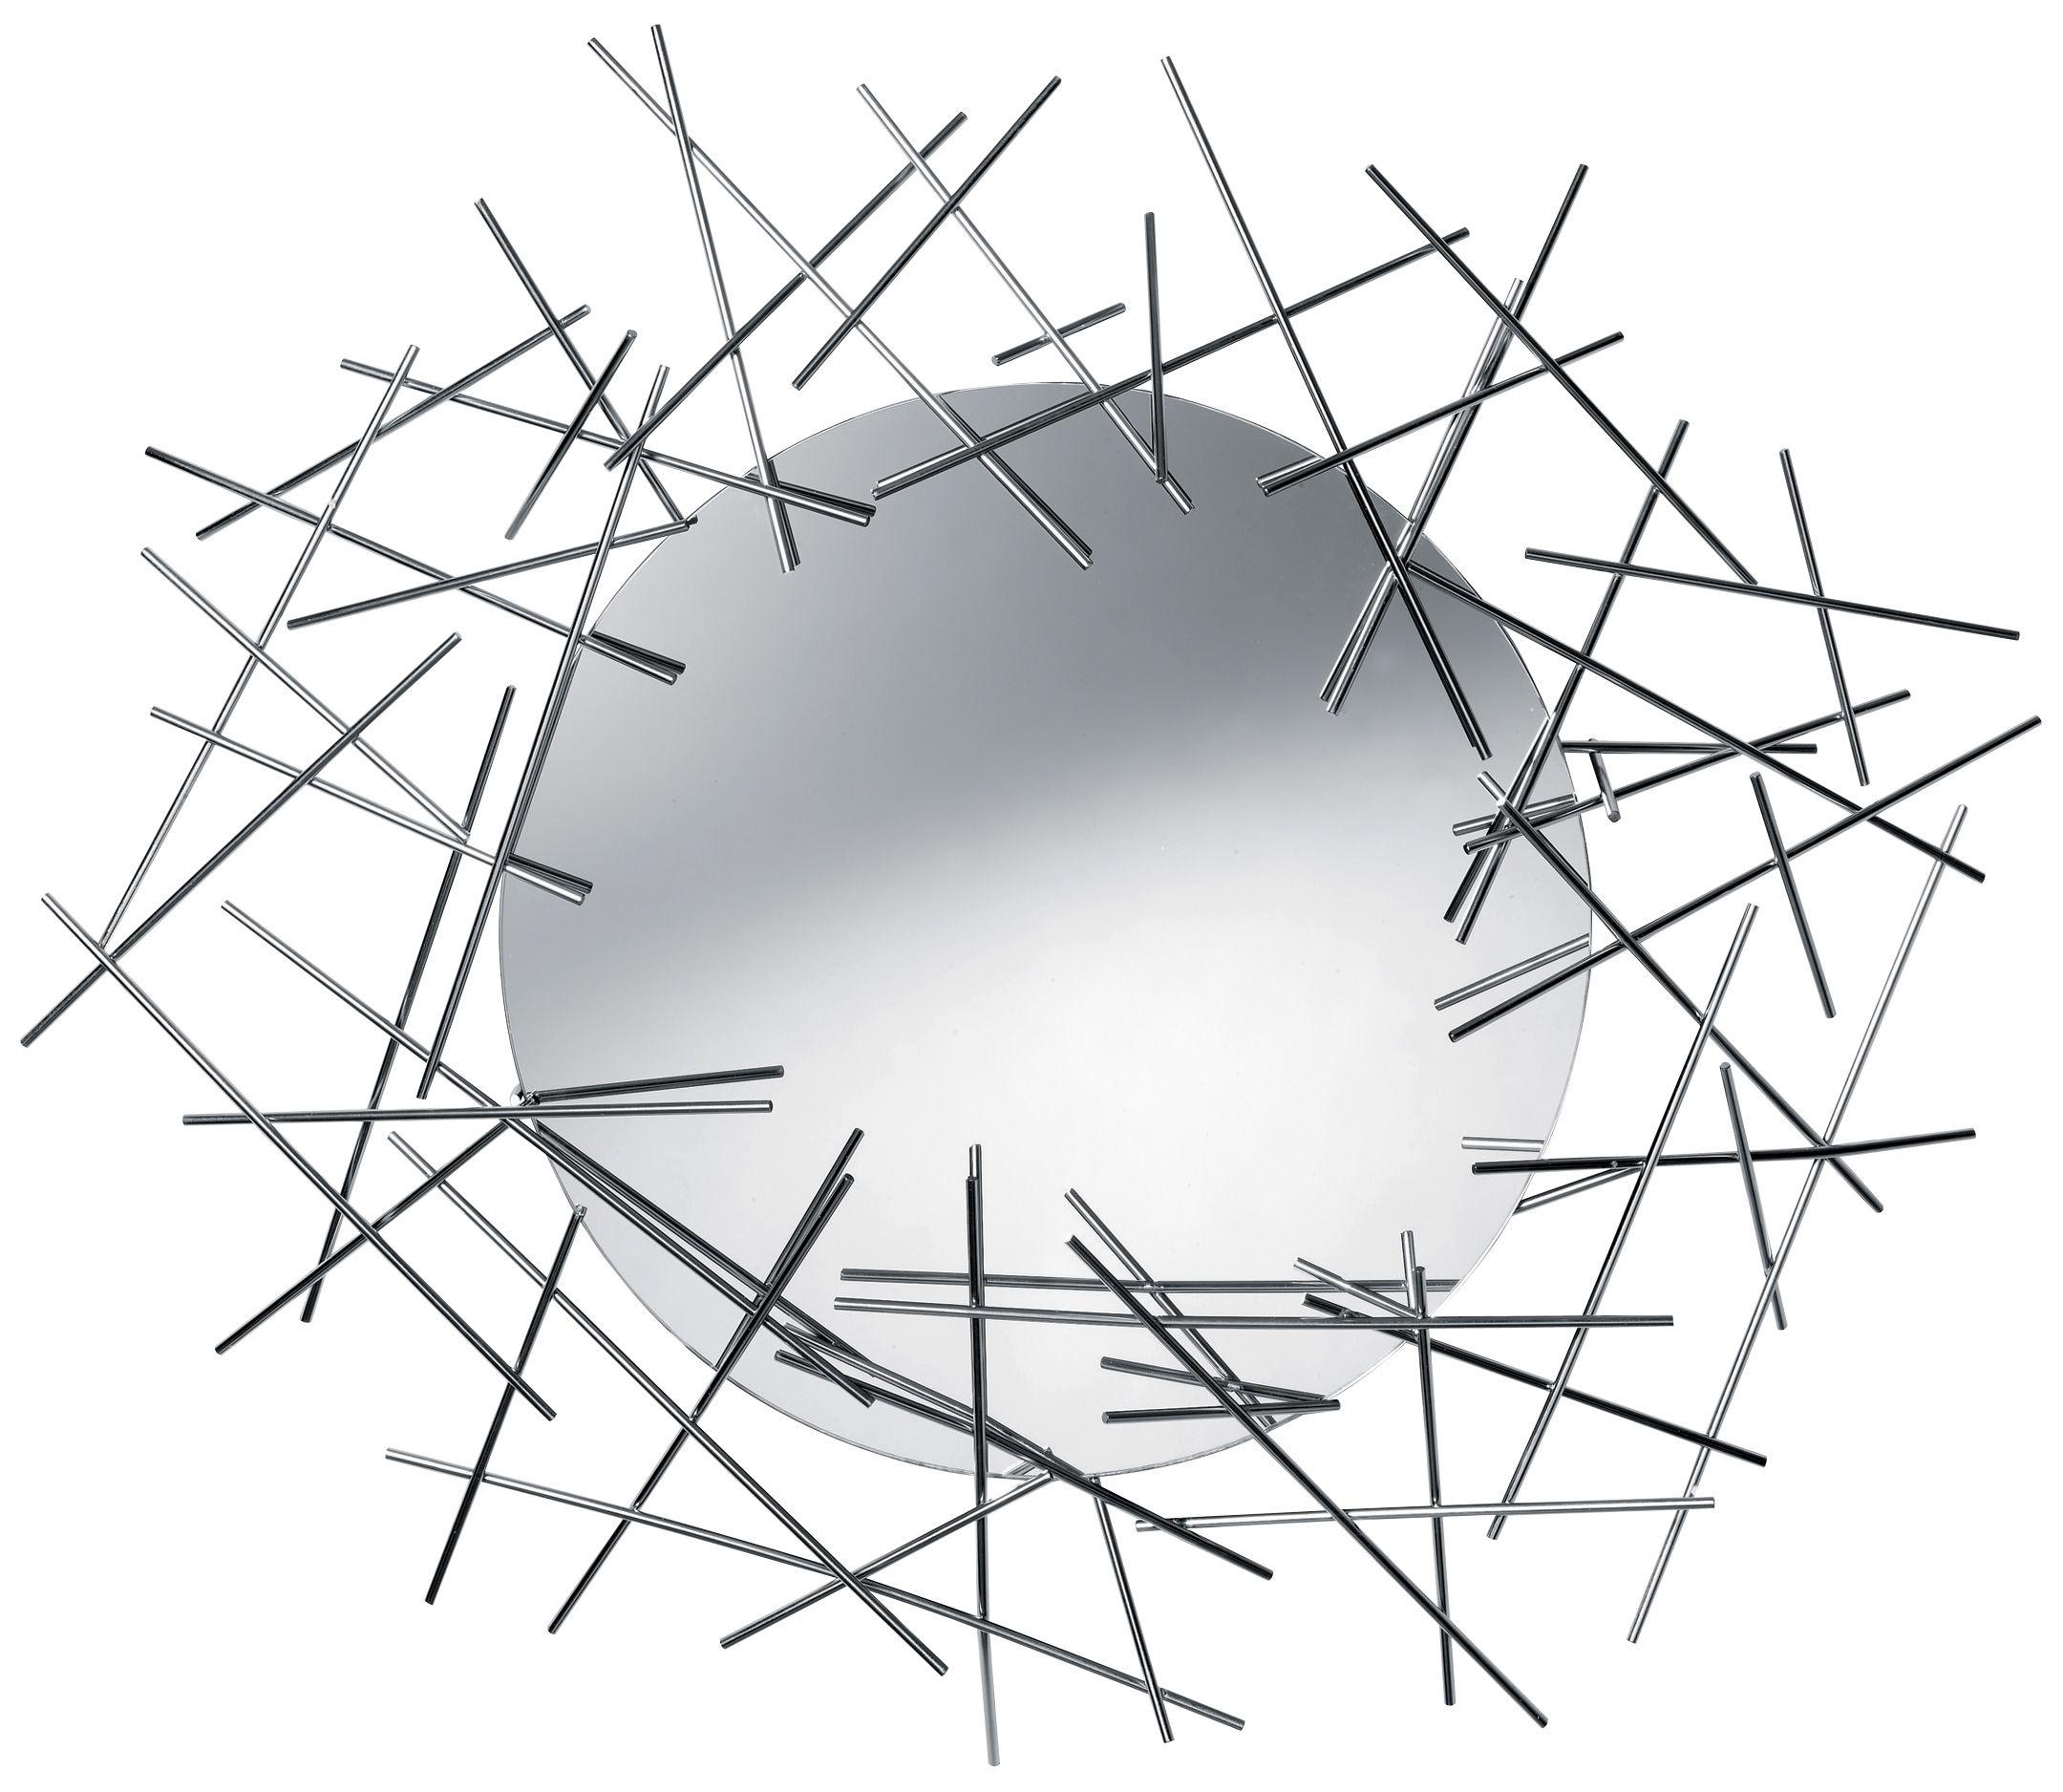 Mobilier - Miroirs - Miroir mural Blow up / L 86 x H 74 cm - Alessi - Acier - Miroir - Acier inoxydable